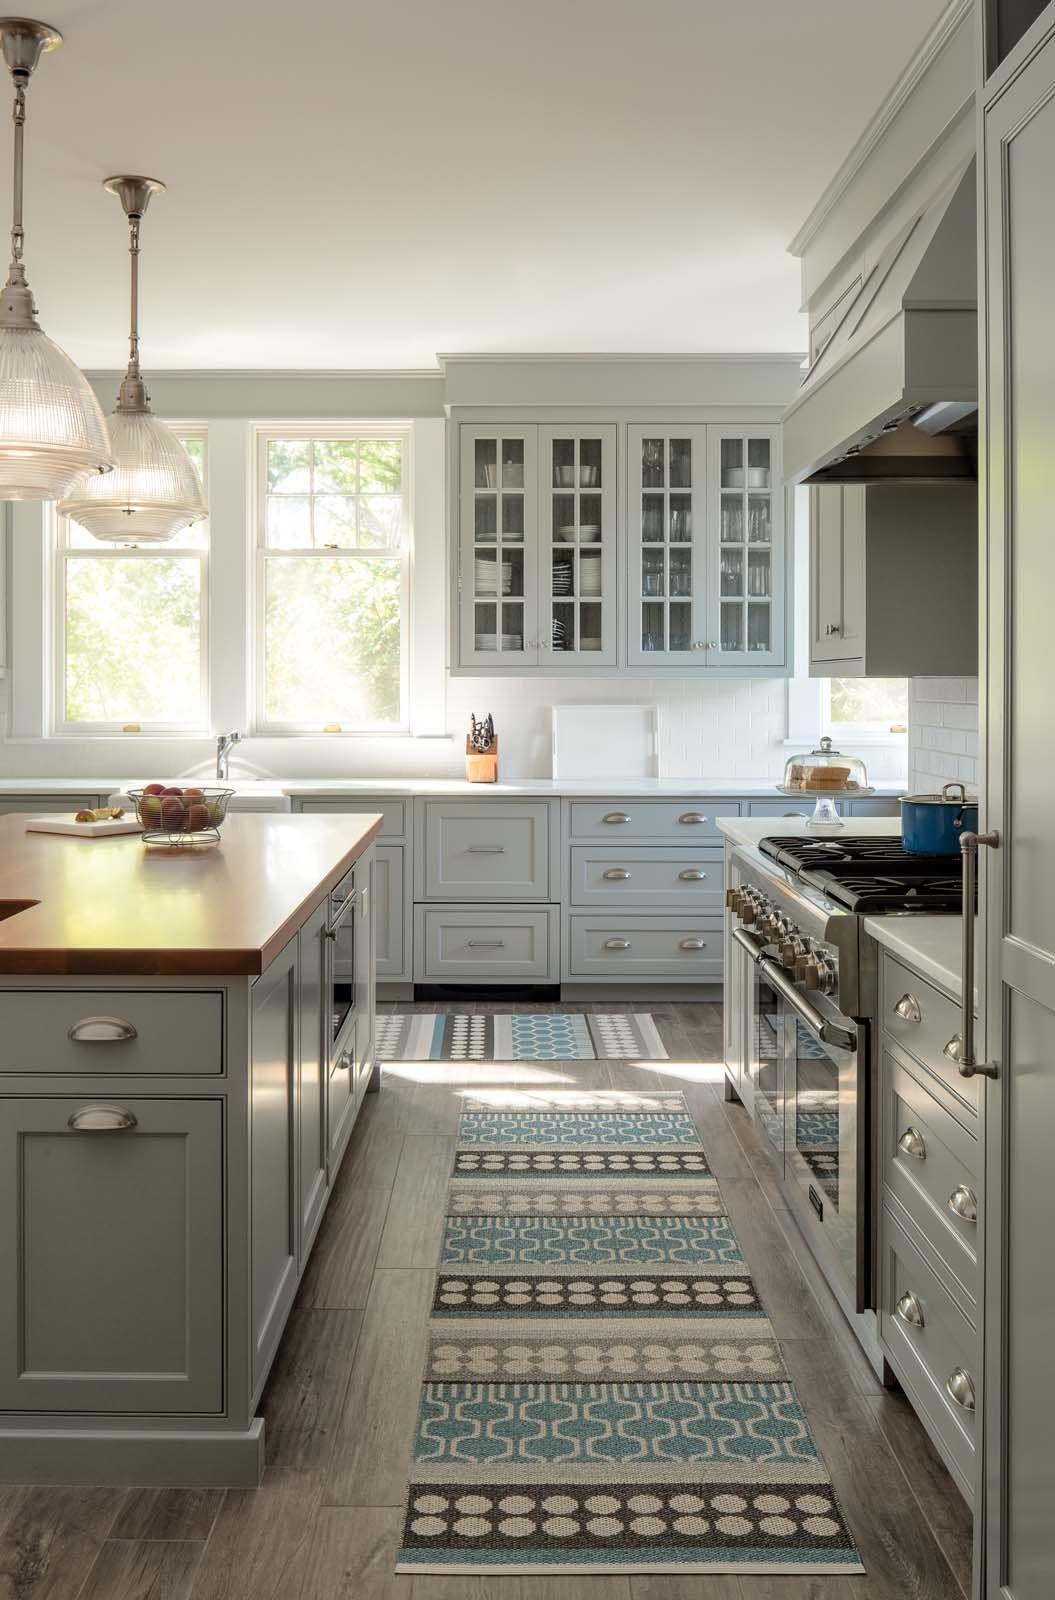 kitchen archives - maine home + design | open plan kitchen